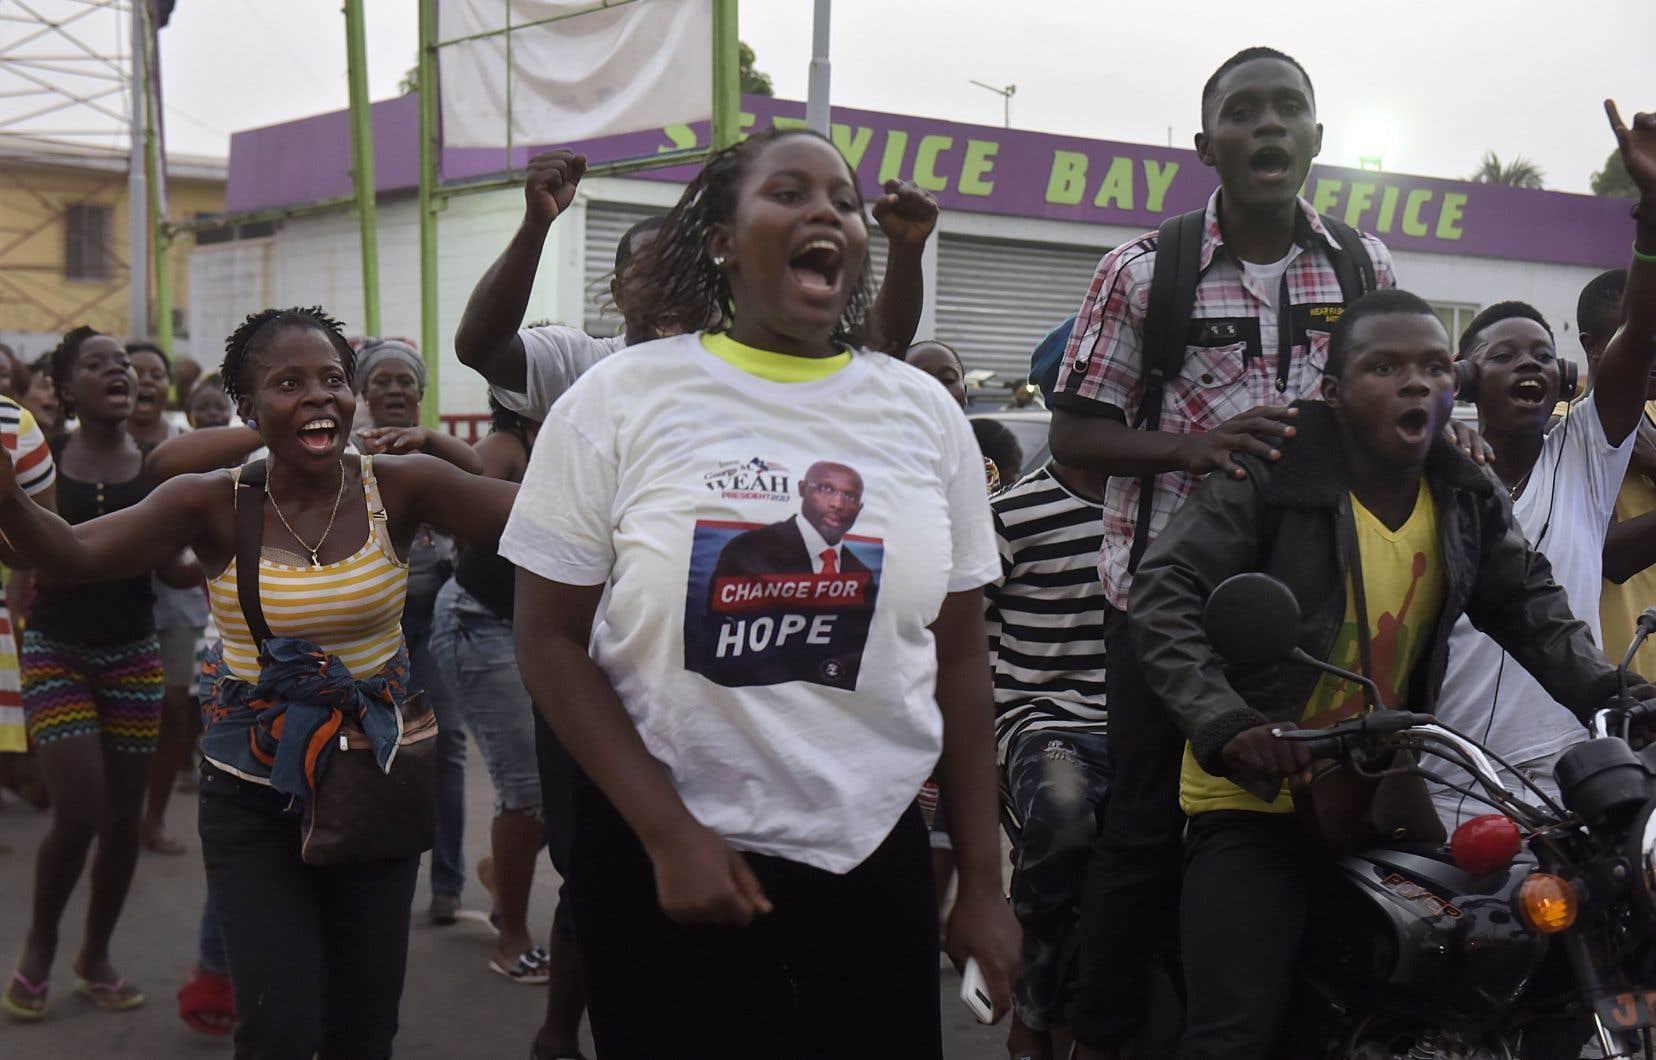 Dès l'annonce de la victoire, des centaines de personnes ont laissé éclater leur joie, chantant, dansant et scandant le nom de leur futur président.